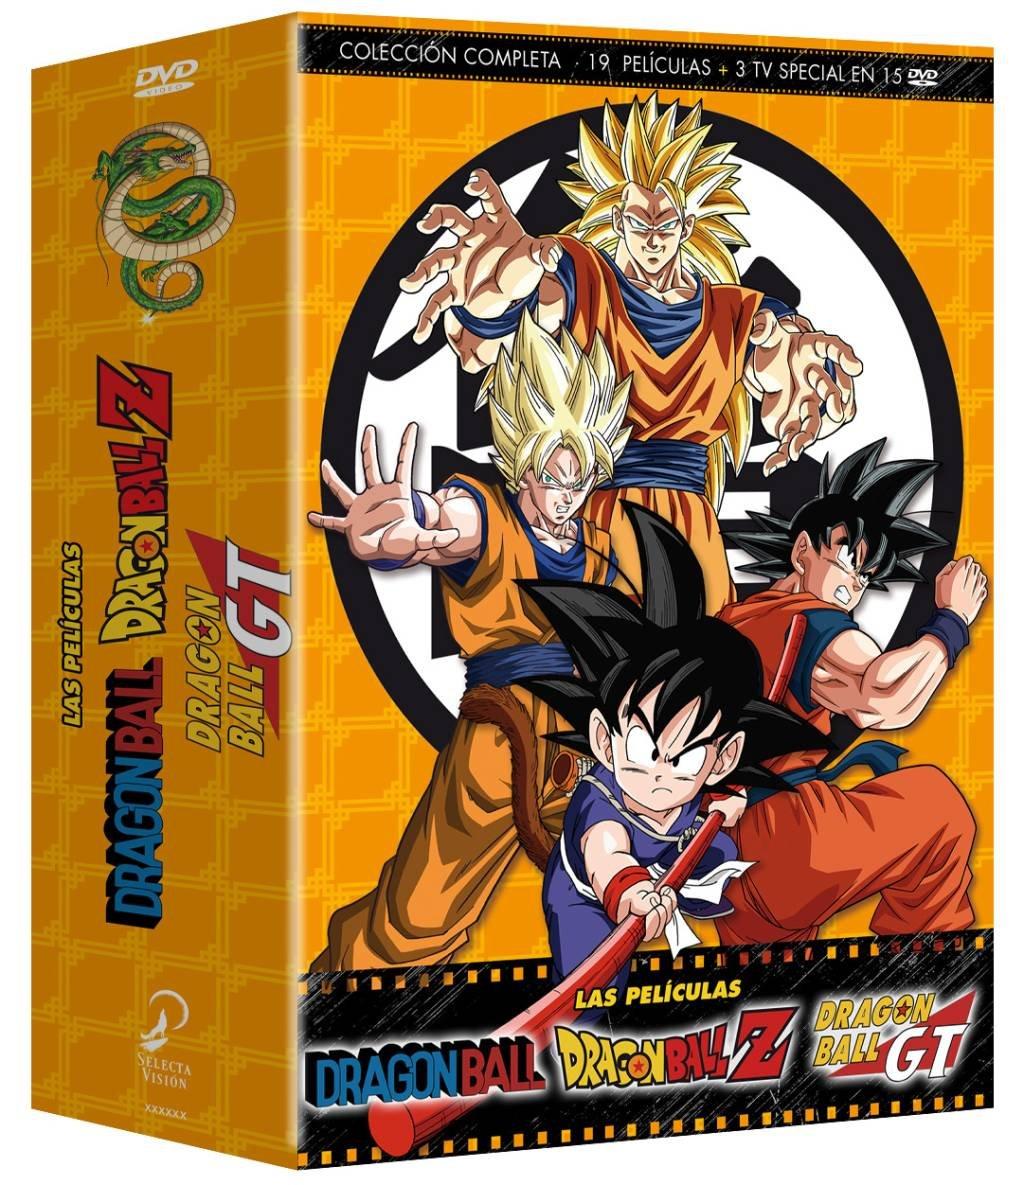 Dragon Ball. Dragon Ball Z Las Películas Colección Completa - DVD